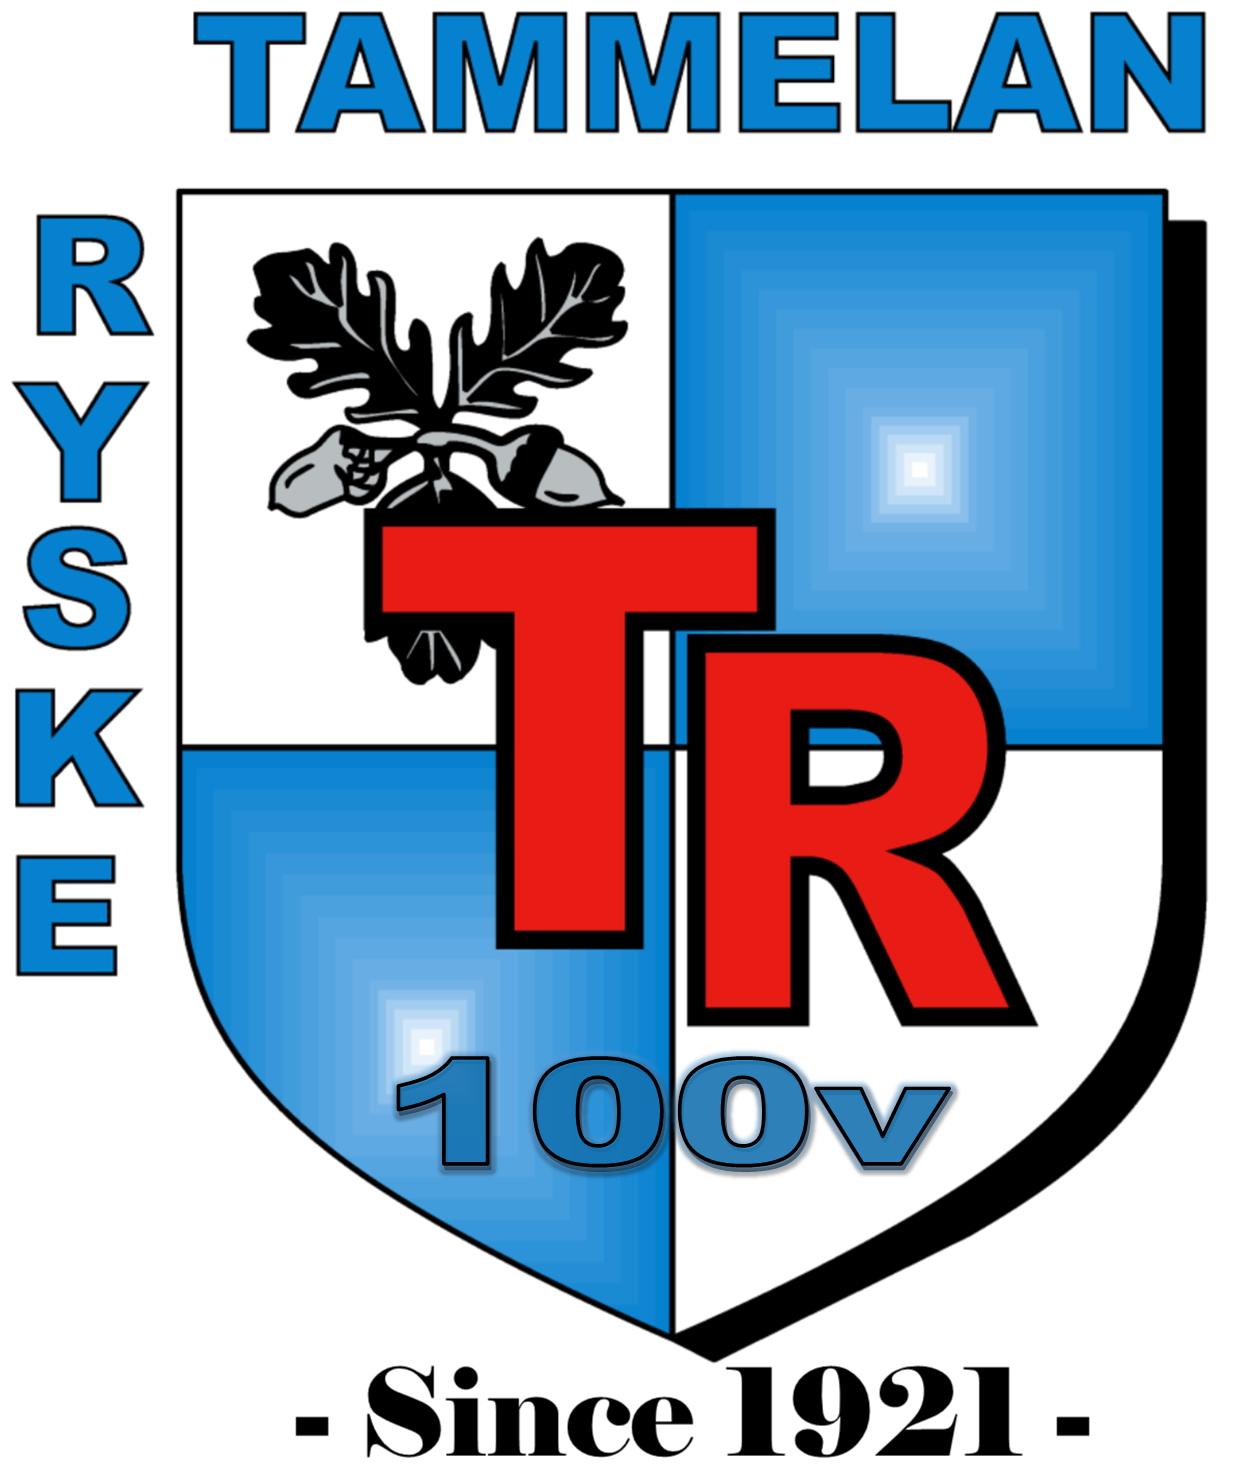 Tammelan Ryske